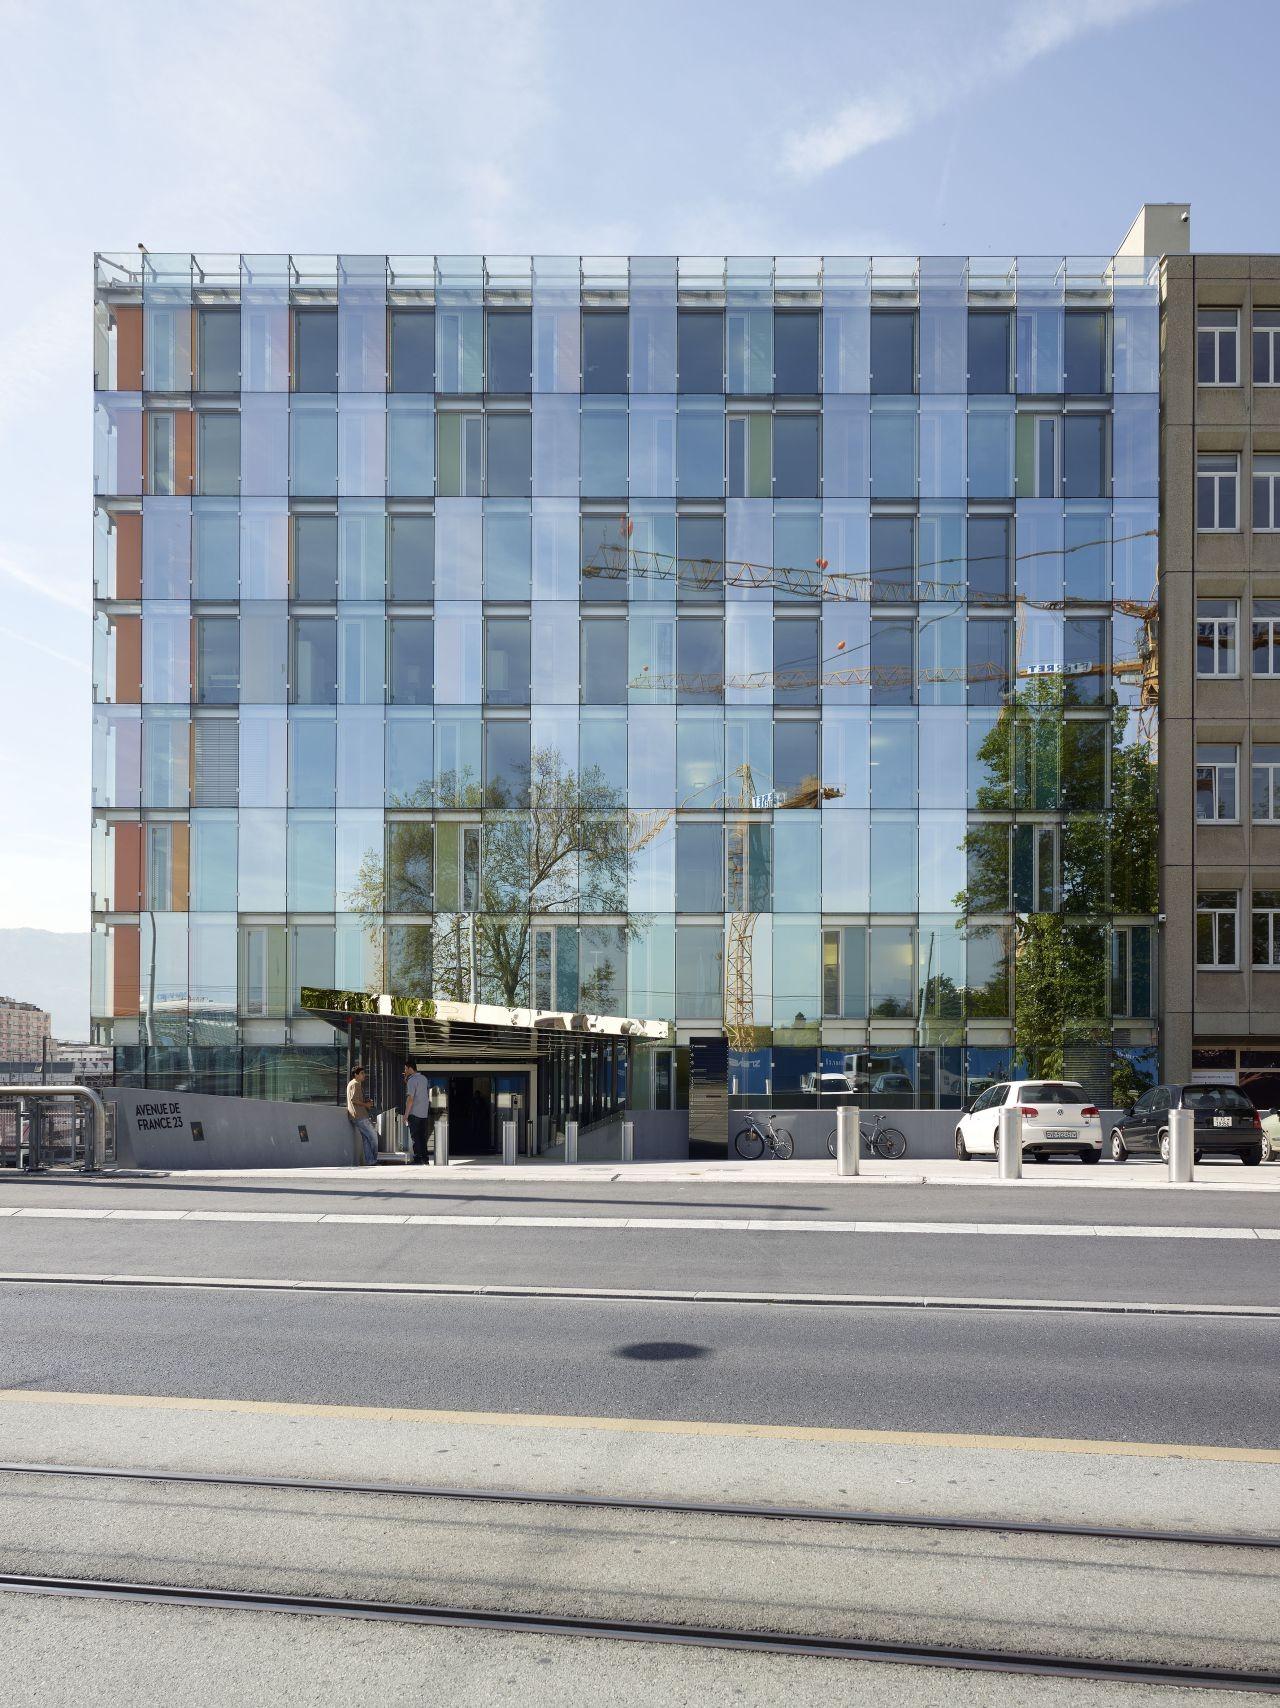 Avenue de France Administrative Building / Group8, © Régis Golay